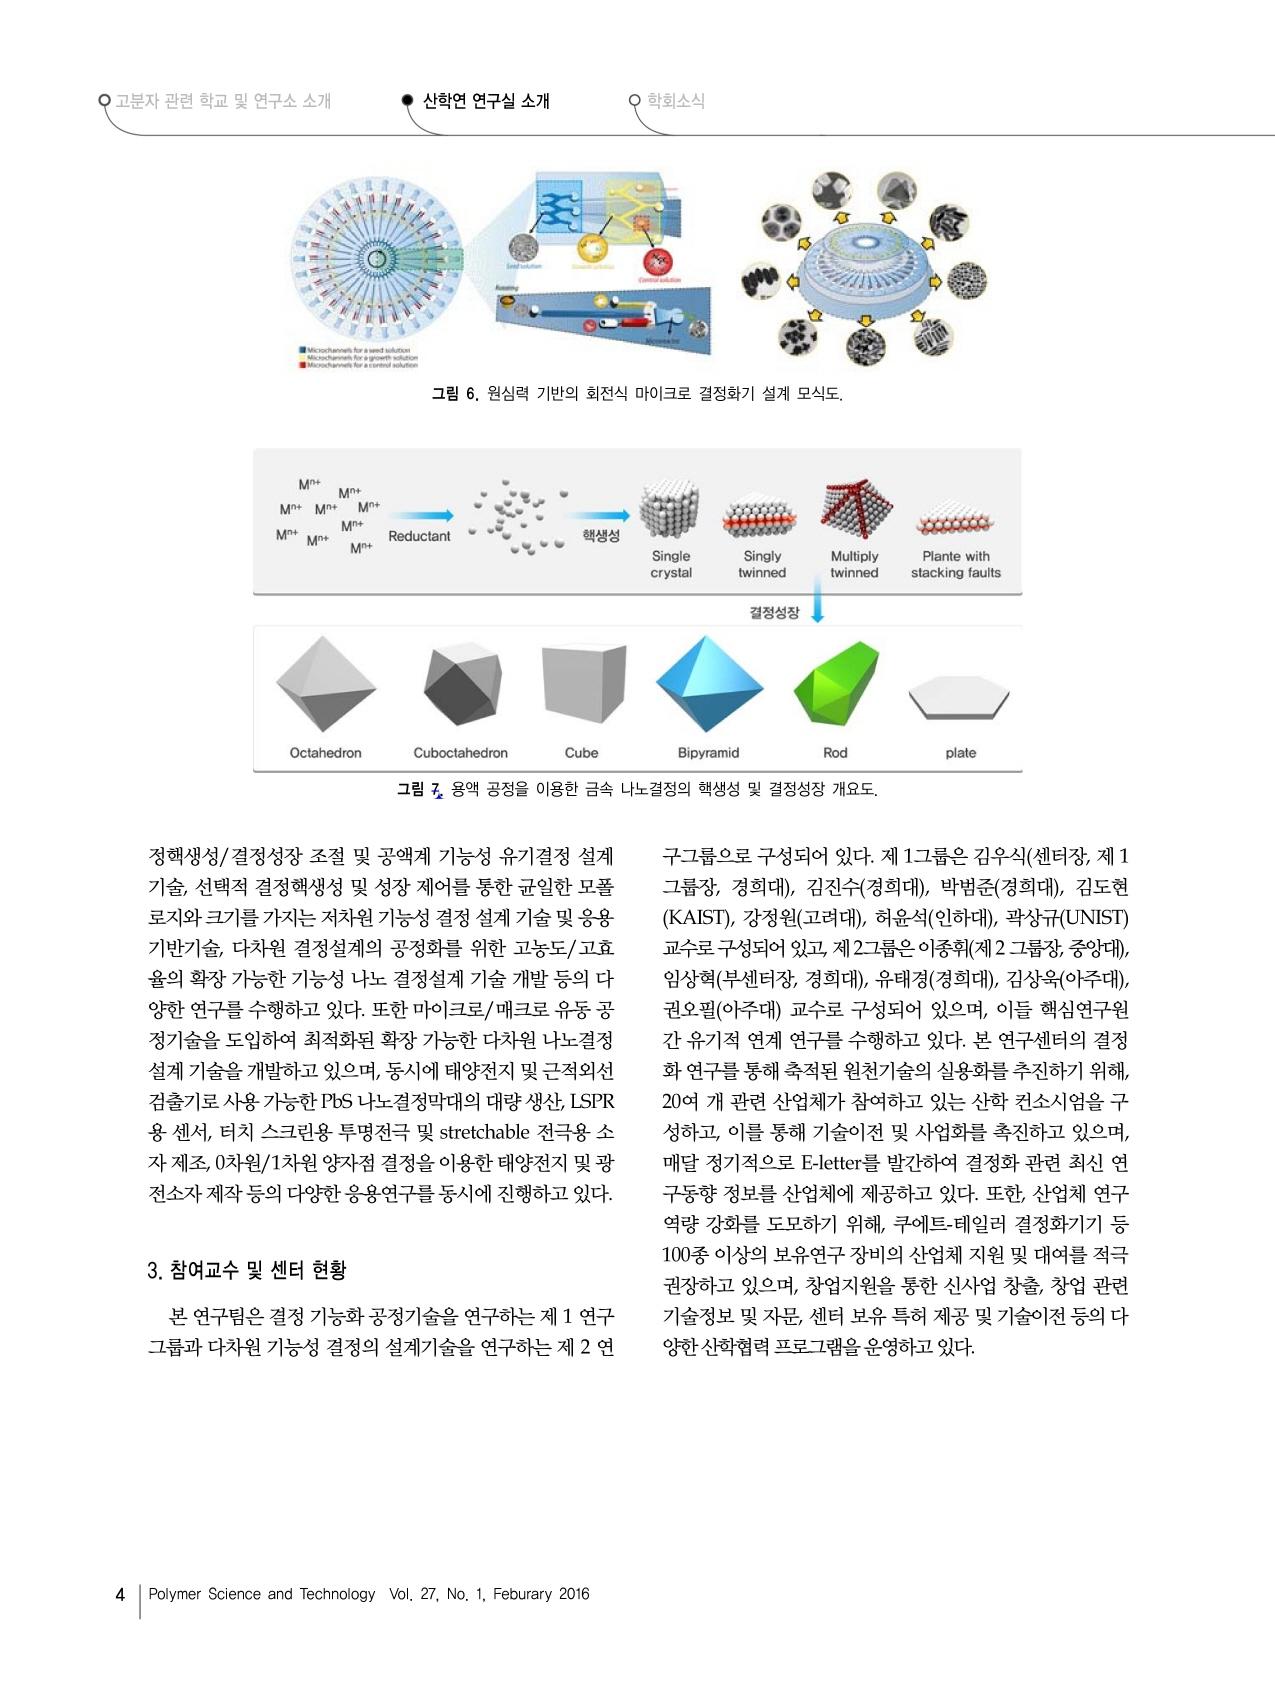 크기변환_고분자학회_산학연소개_김우식_rev1_4.jpg